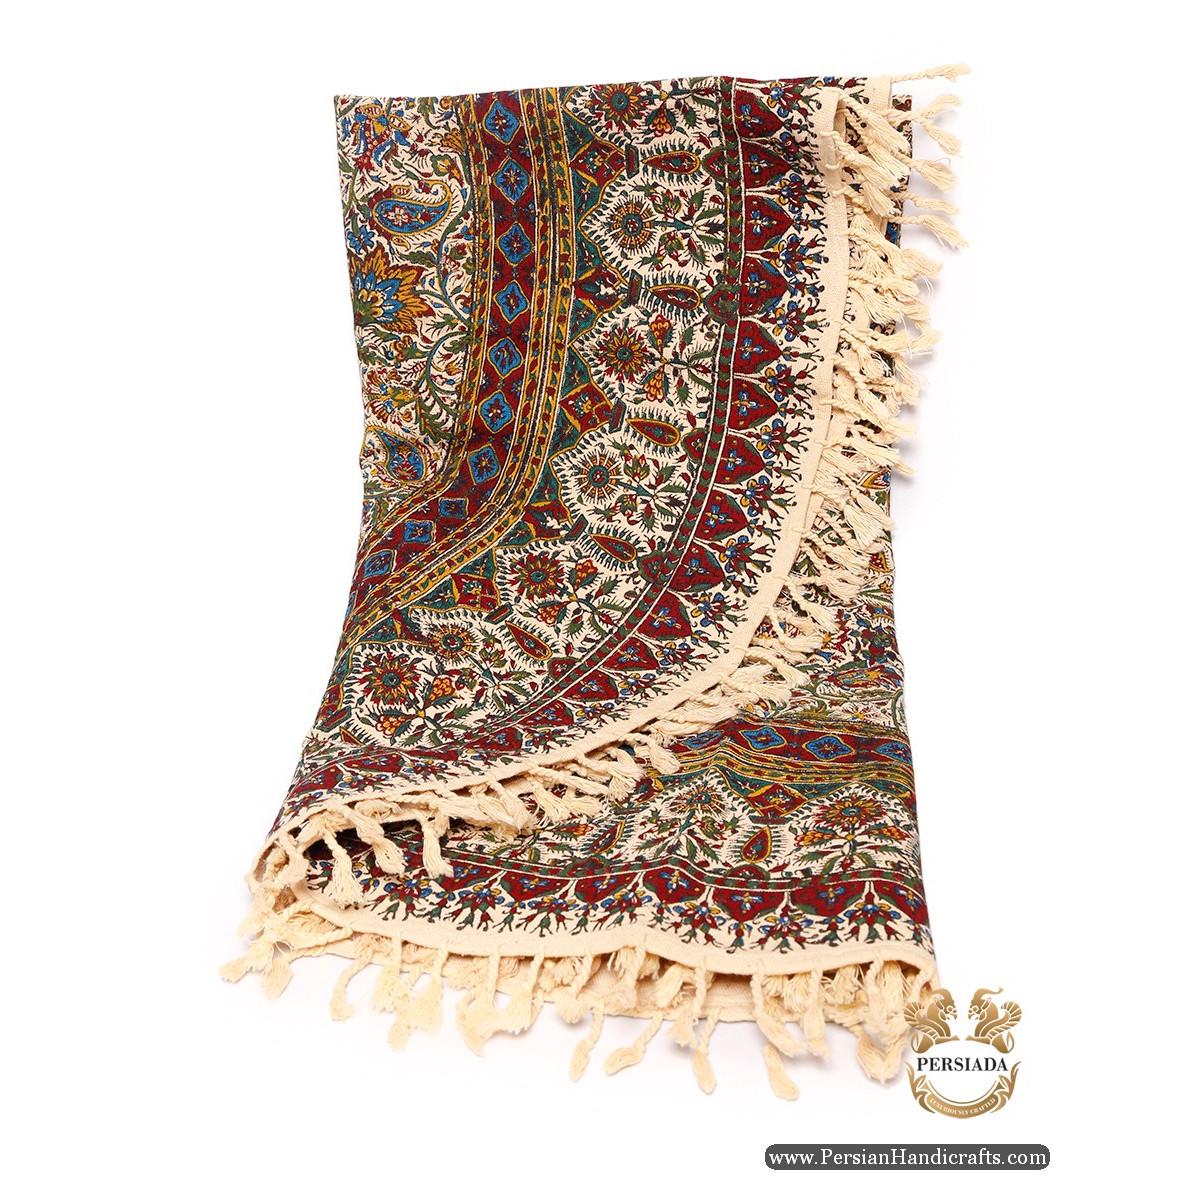 Round Bedspread or Tablecloth | Hand Printed Ghalamkar | Persiada HGH6105